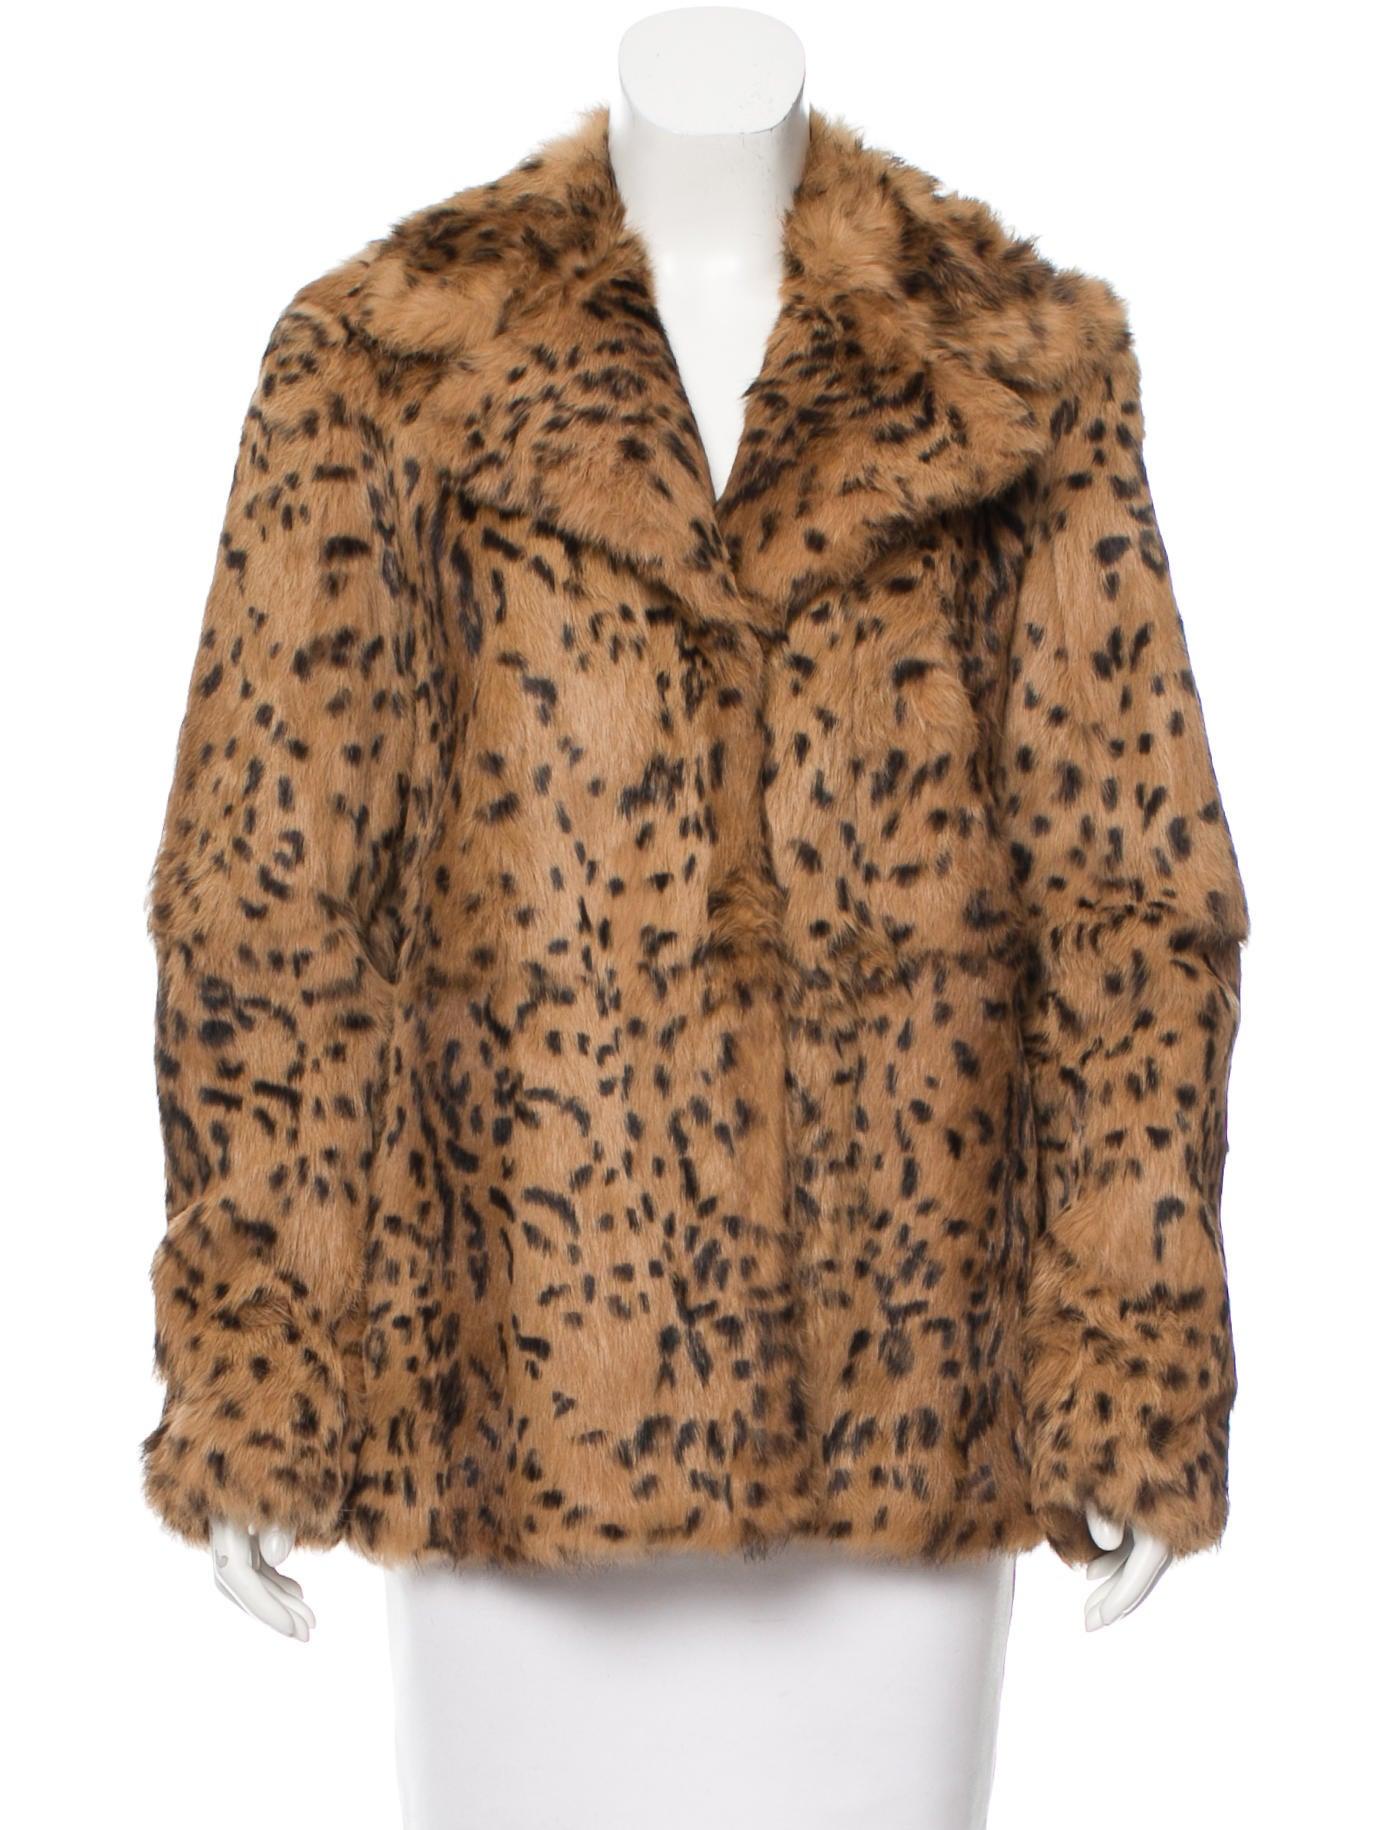 4c7eb61239e1 Diane Von Furstenberg Dresses Scarf. Women Ping Diane Von Furstenberg Talia Rabbit  Fur Coat Ggkdwl6uq